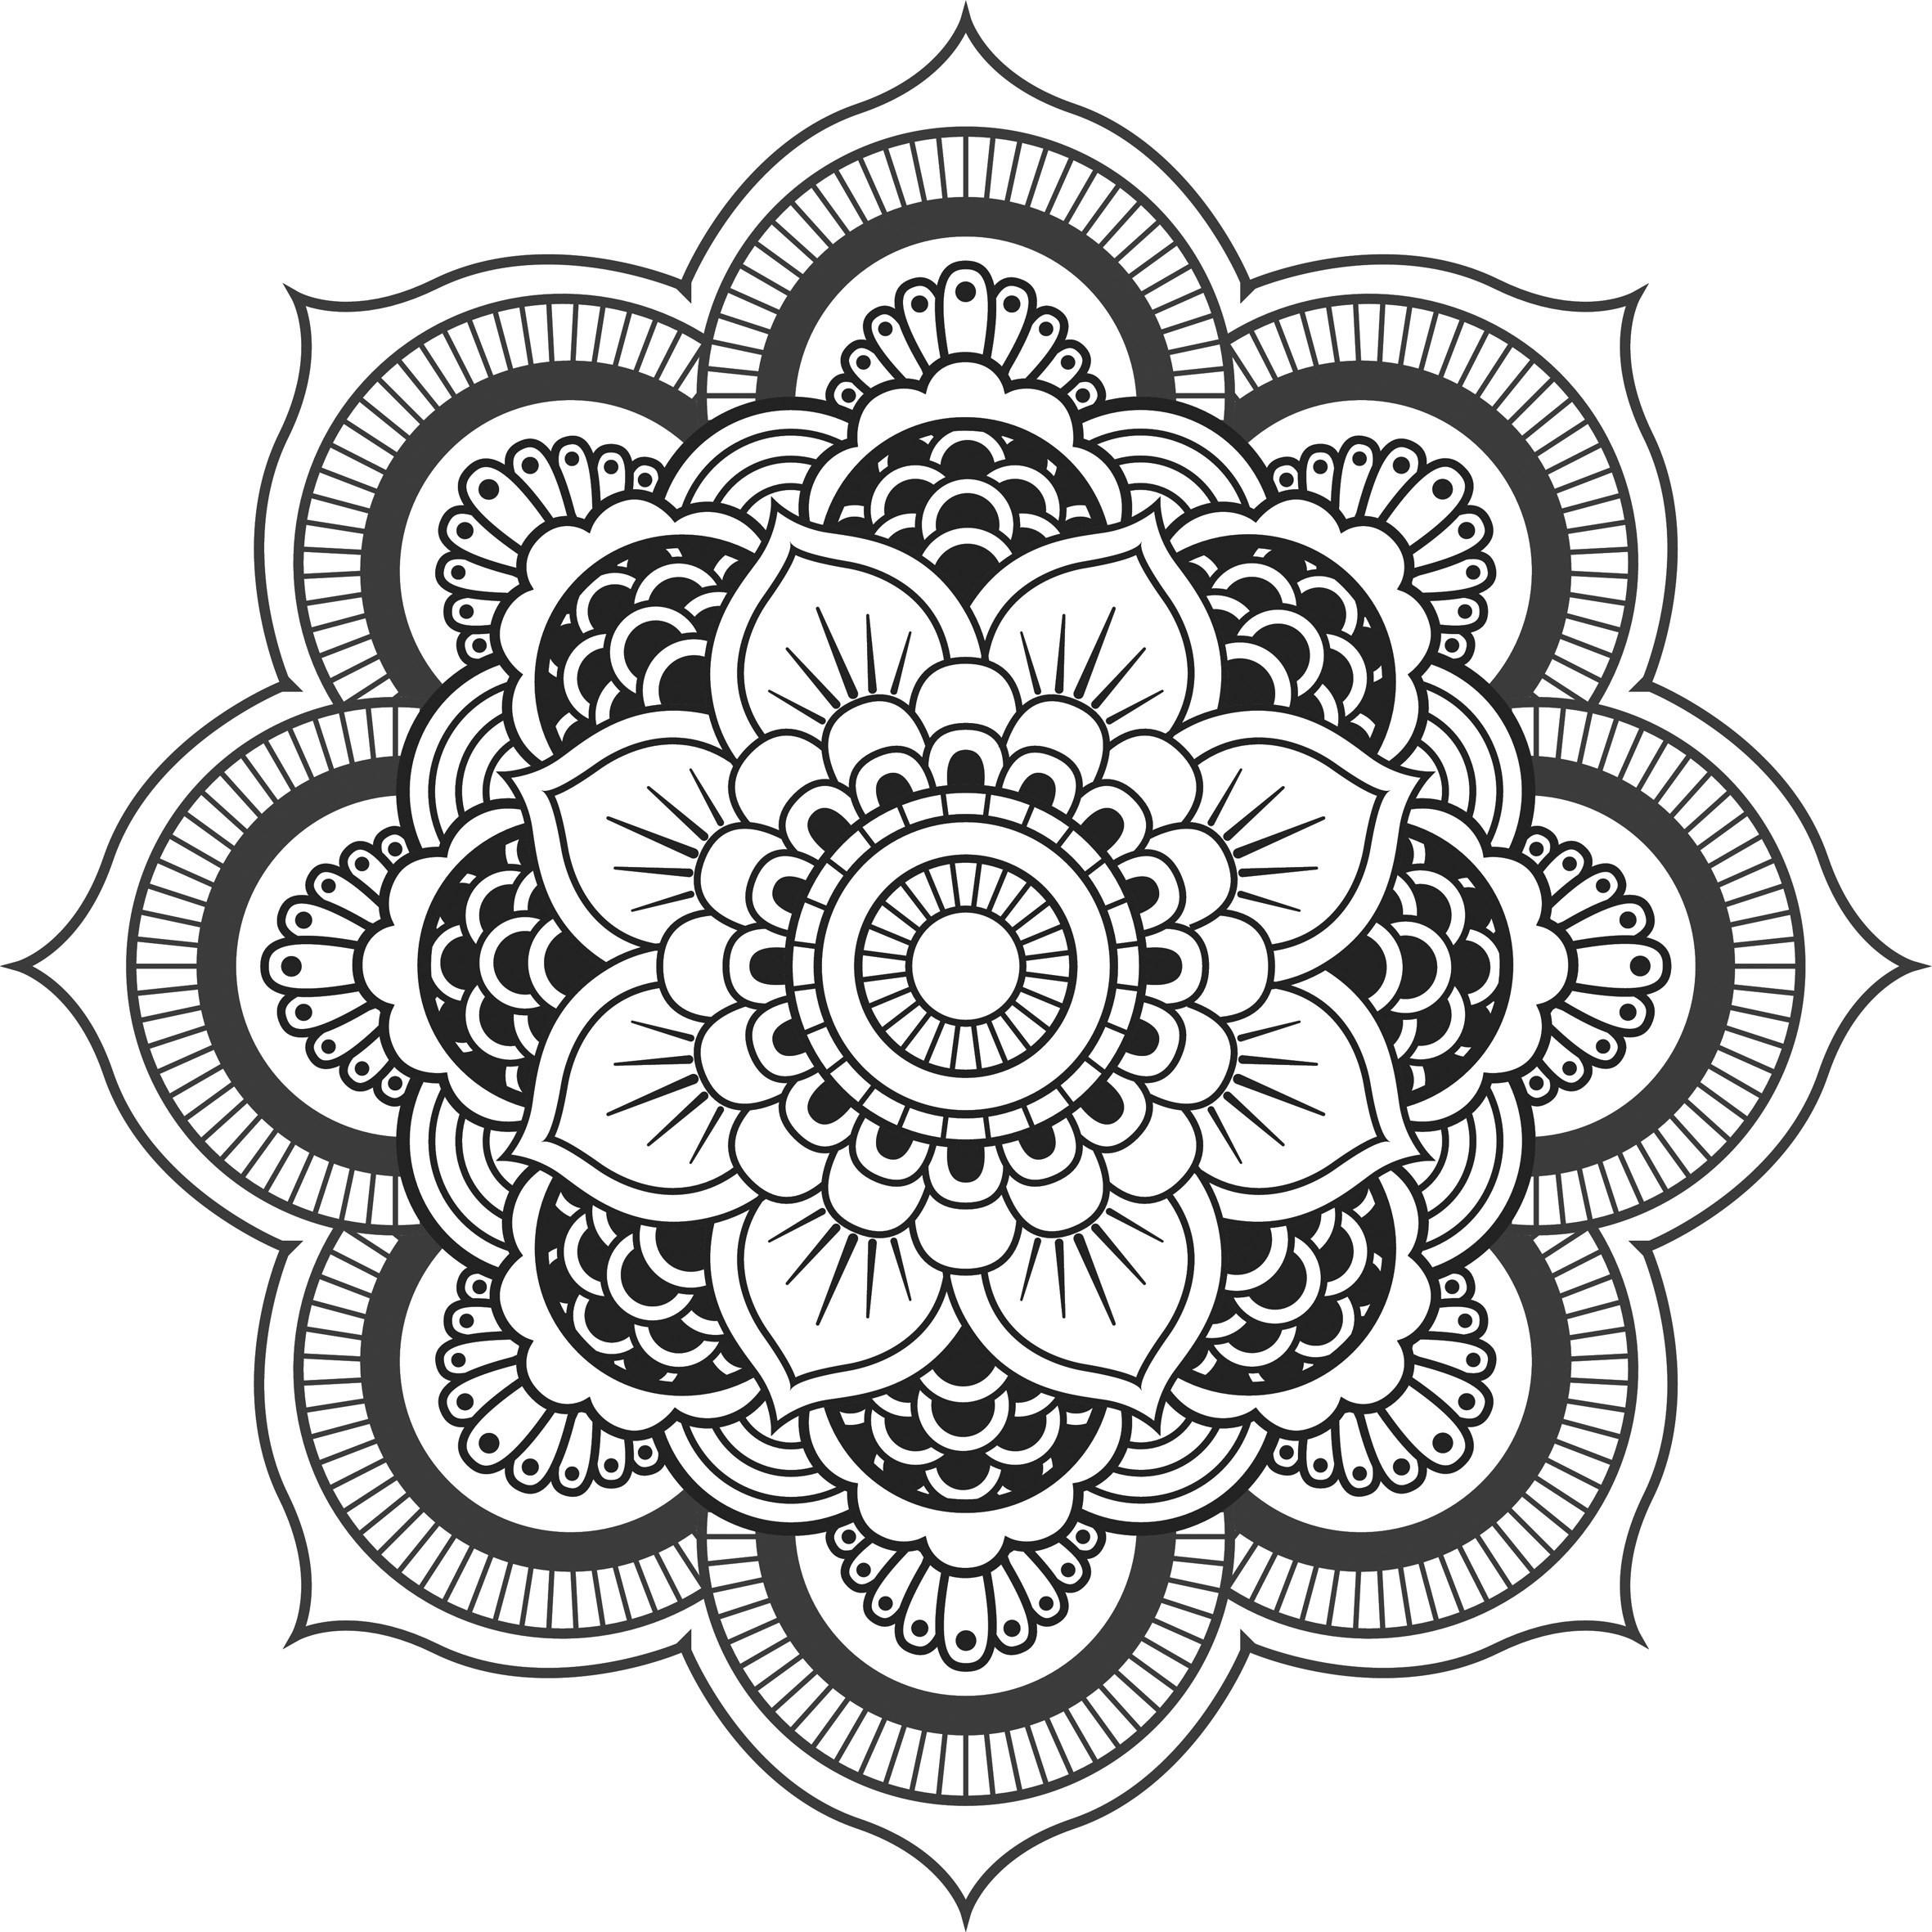 Coloriages A Imprimer Mandalas Numero 21a461c3